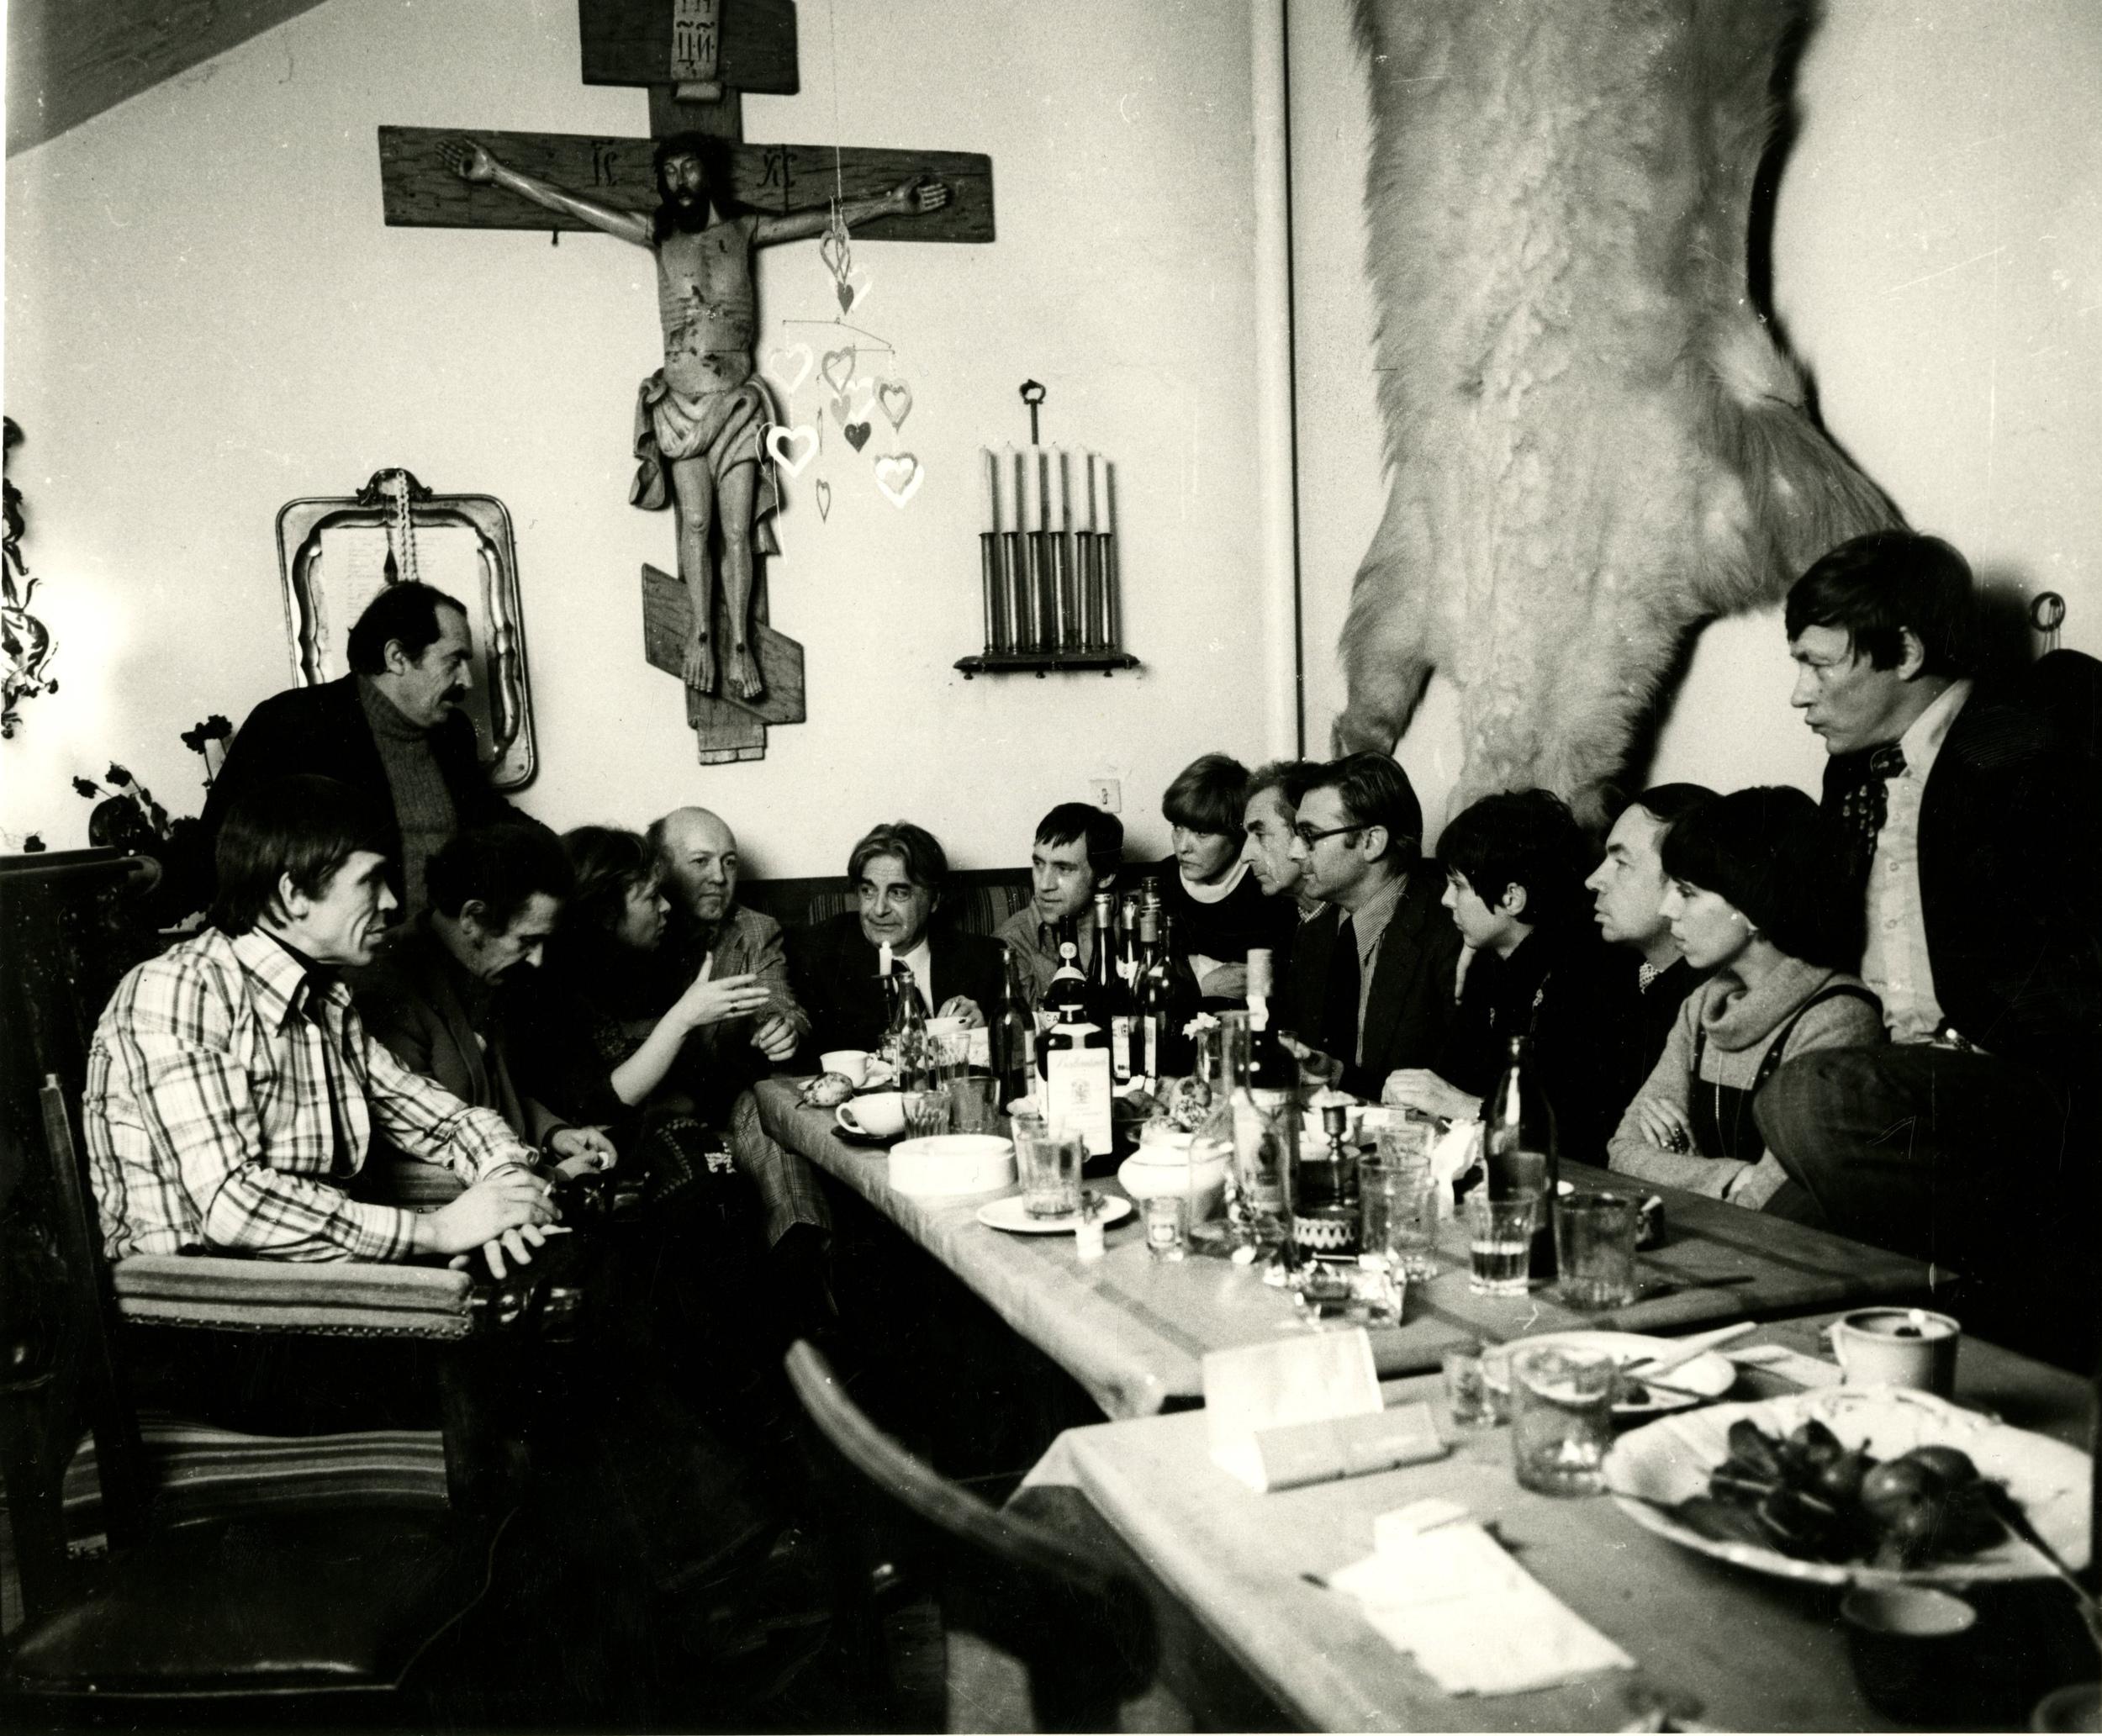 1976. Плотников В.Ф. «Беседа за столом»